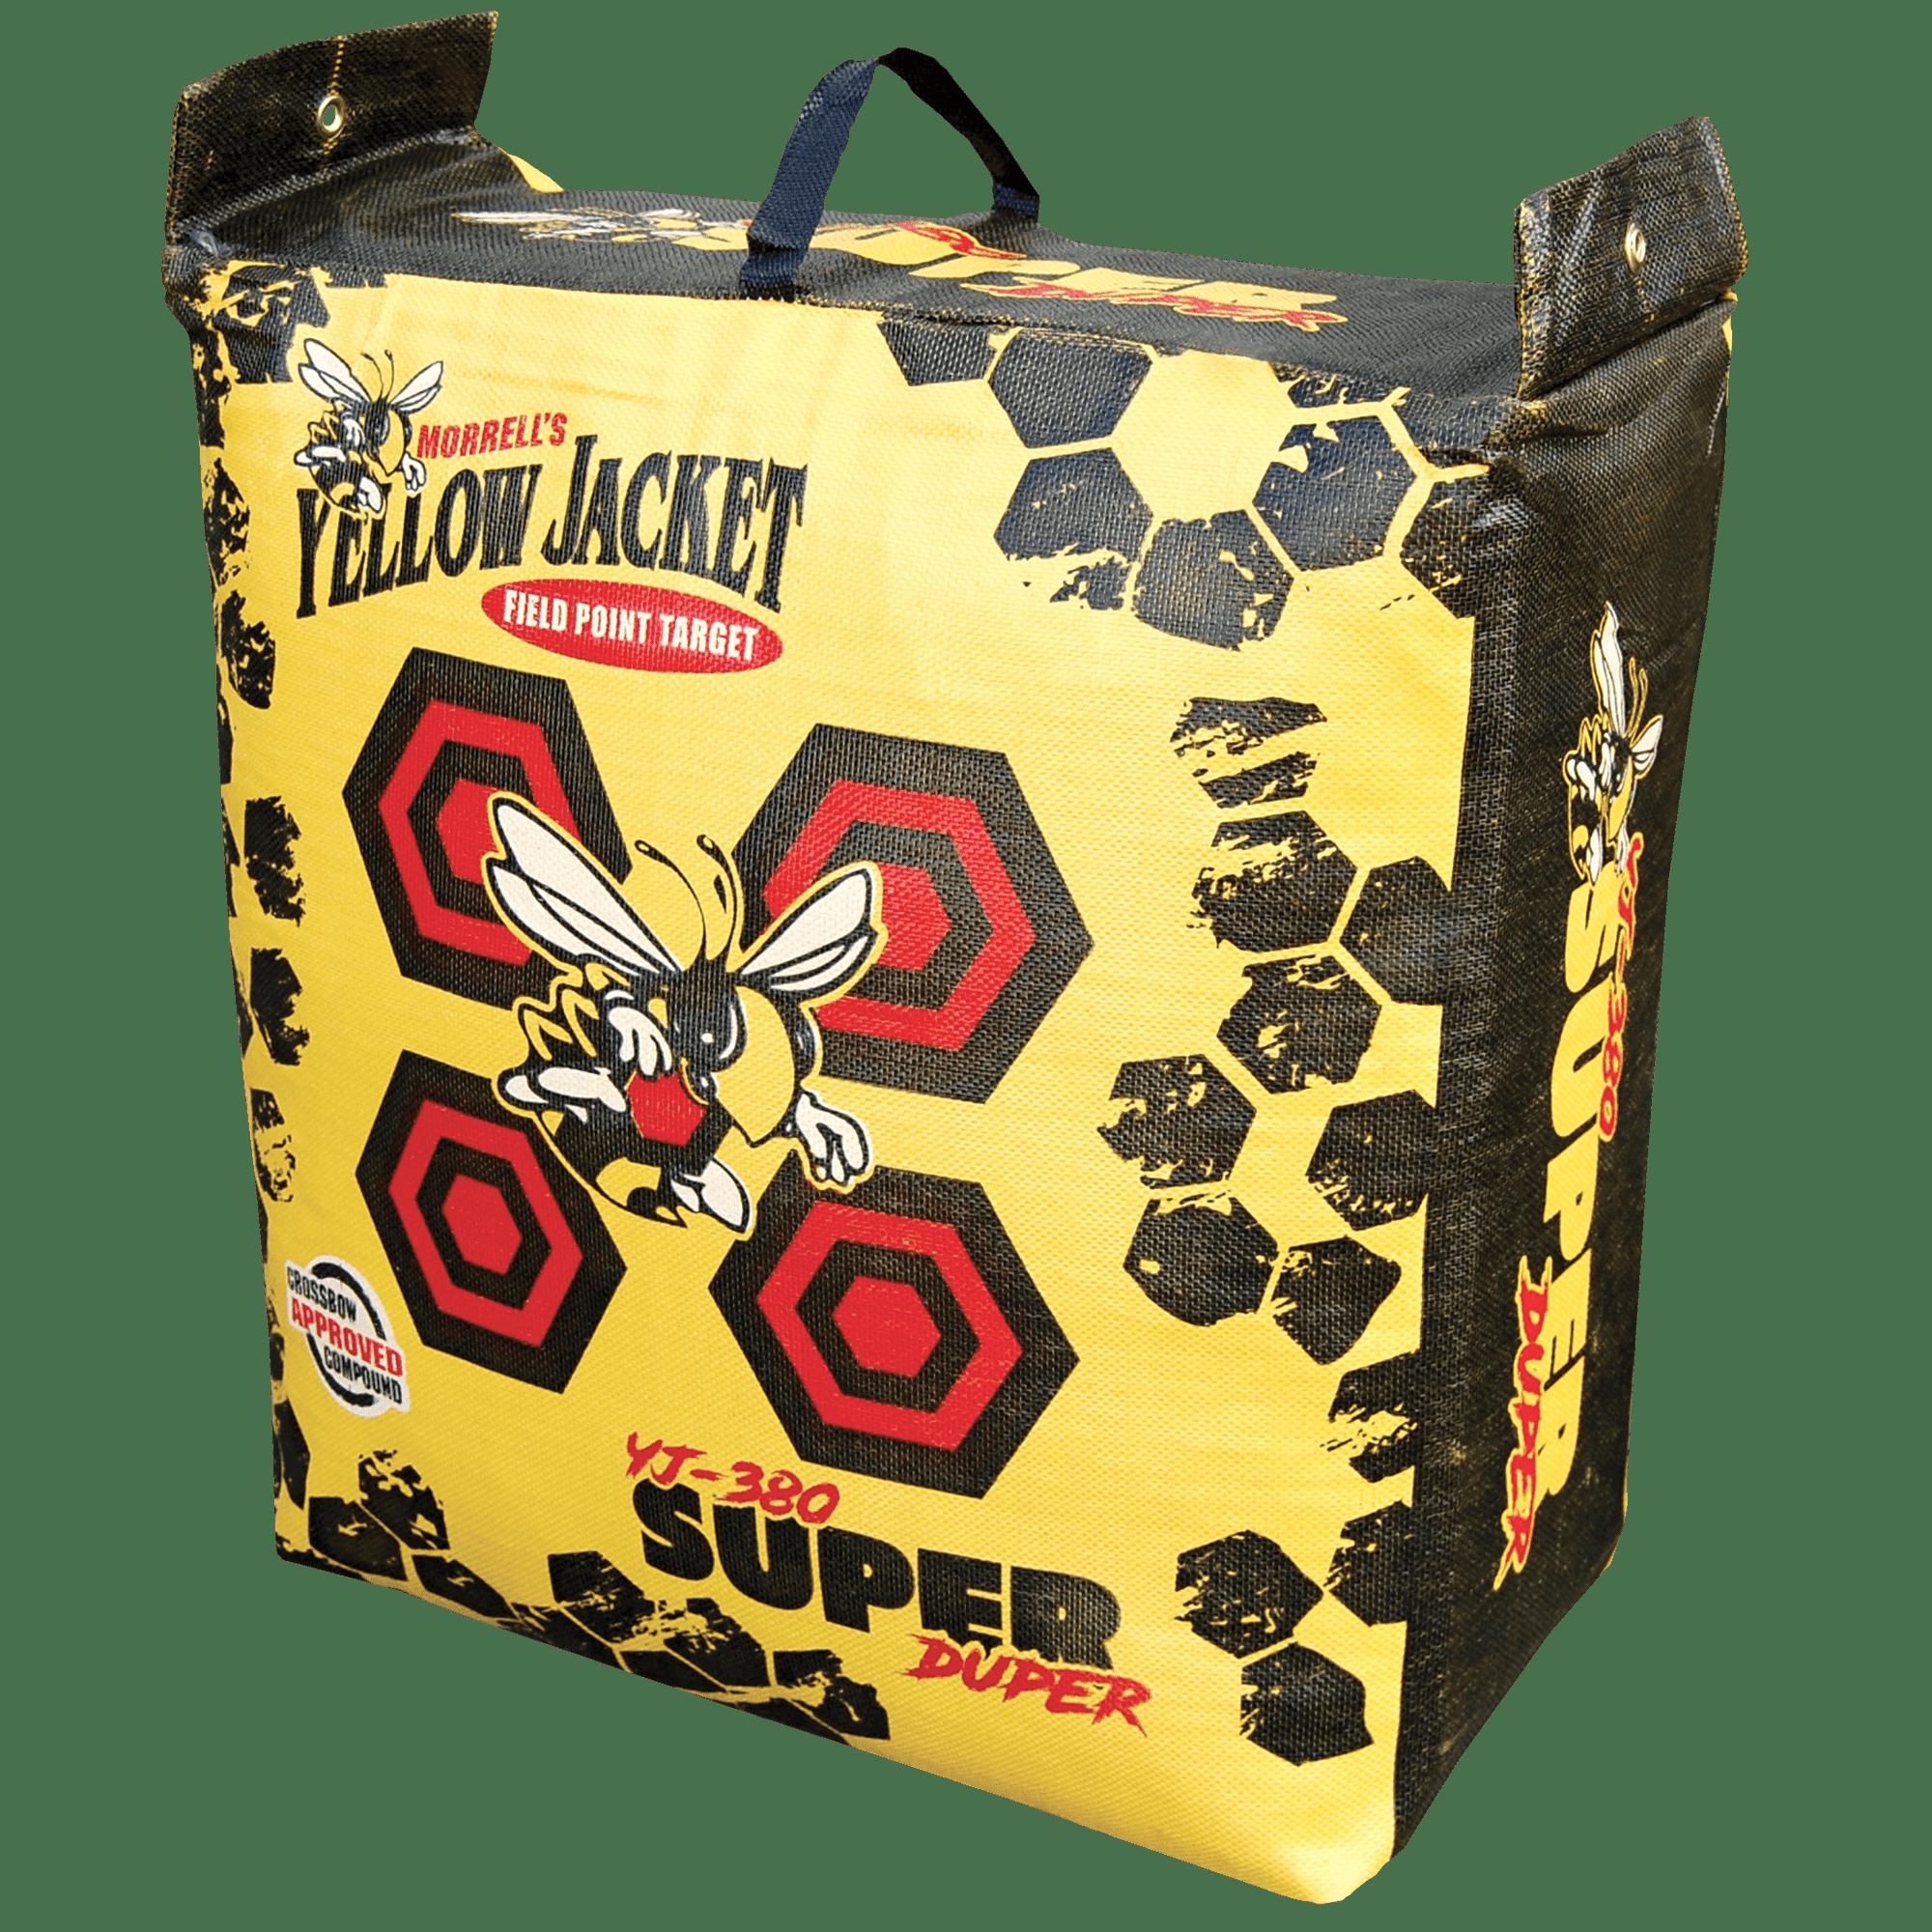 Morrell Targets Super Duper Field Point Archery Target - Walmart.com